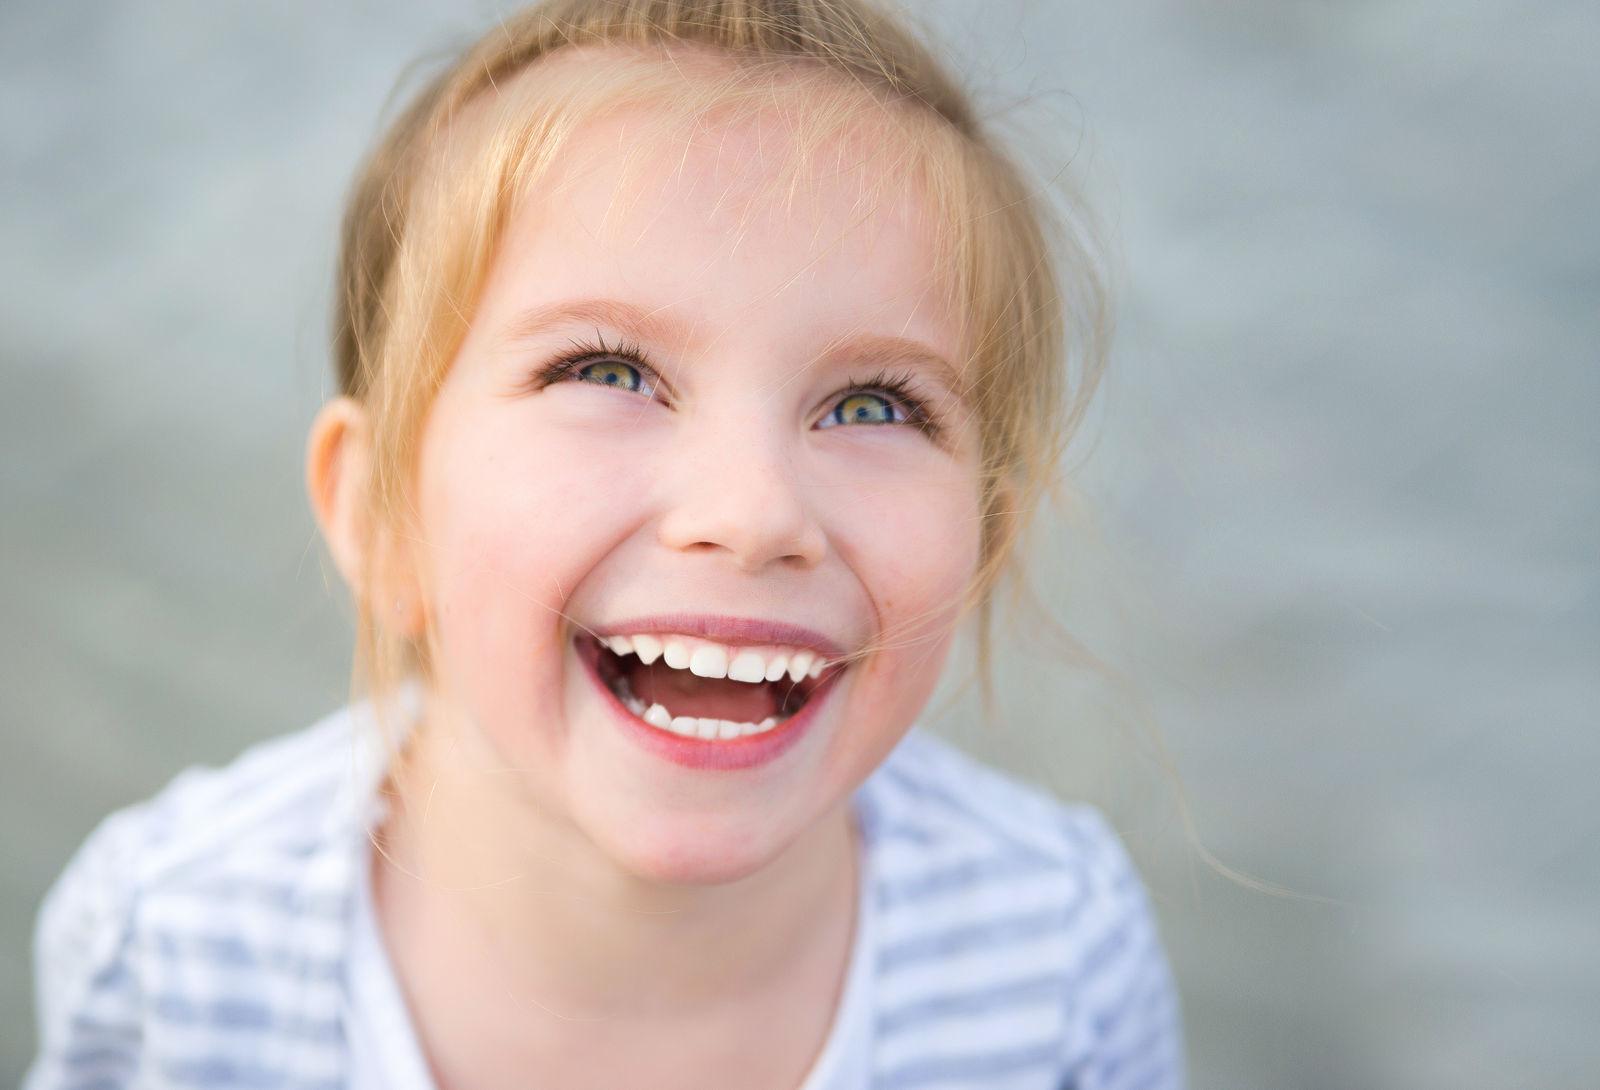 девочка смеется и радуется что у нее нет близорукости она здорова и счастлива